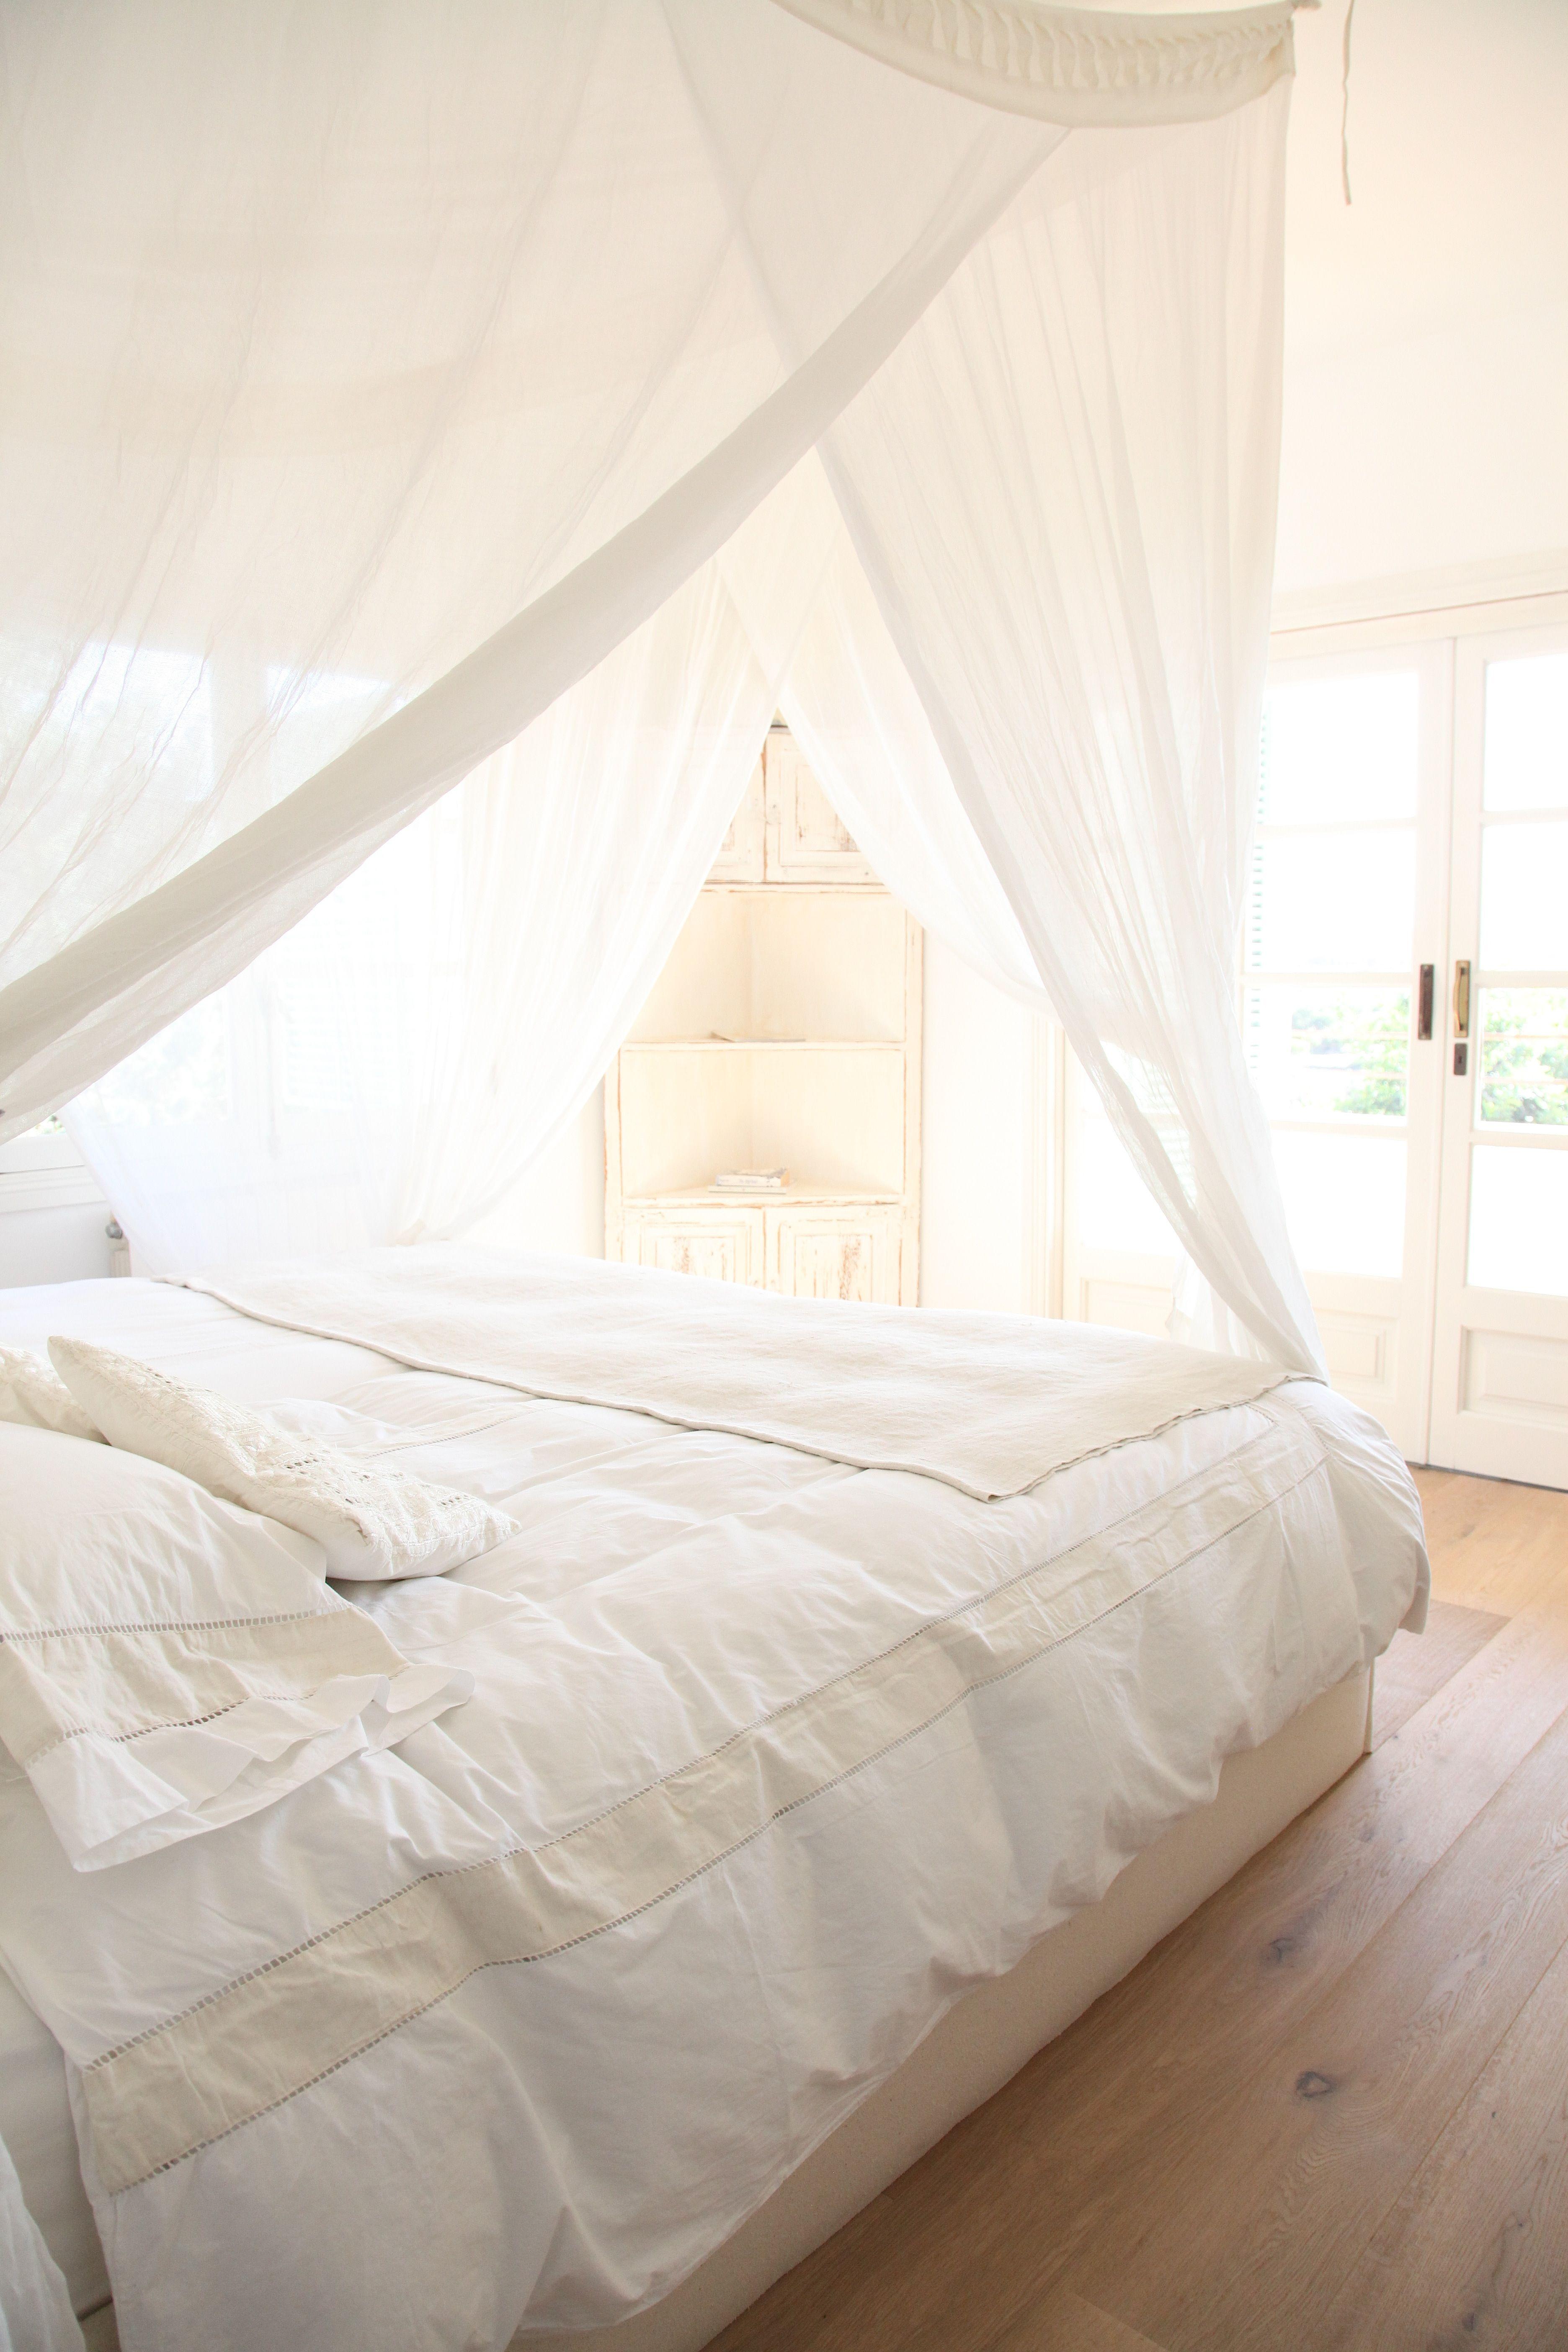 Inspiration für das Schlafzimmer!   Barefoot Living by Til Schweiger #einrichtung #interior #bett